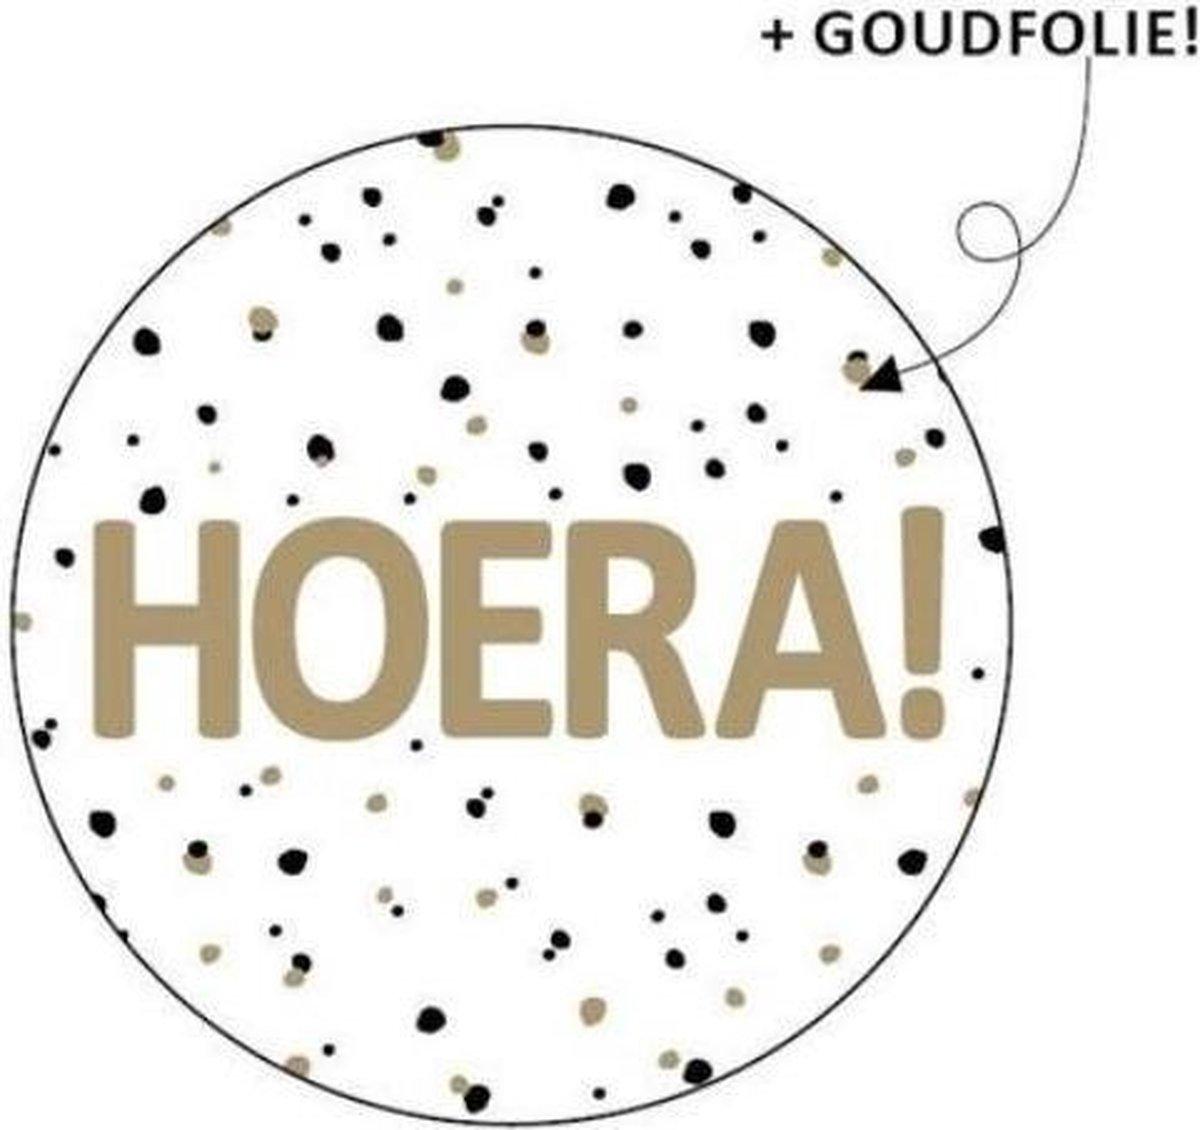 Cadeausticker Hoera Goud - Sluitsticker - Traktatiesticker - Wensetiket - rond 40mm - Hoera! Goud met zwarte en gouden stippen - 25 stuks -  sticker voor traktatie